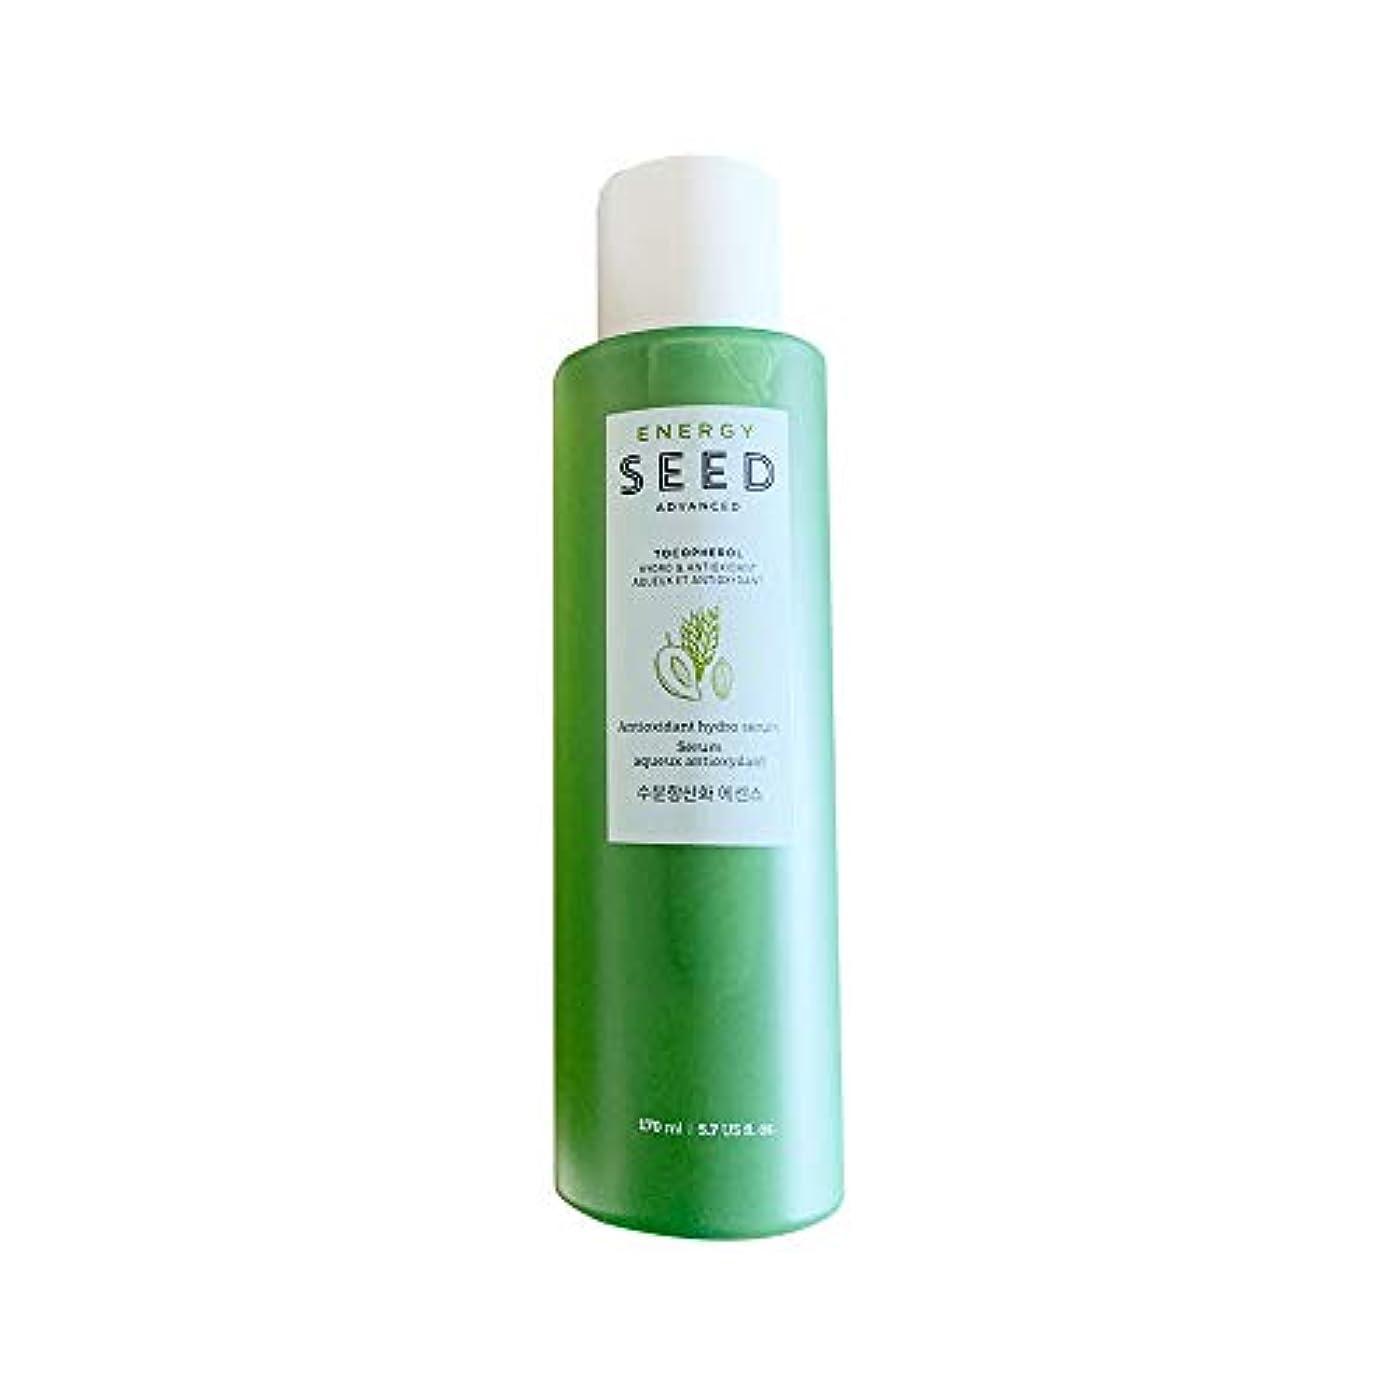 コンテスト安らぎ時間[ザフェイスショップ]The Face Shop エネルギーシード水分抗-酸化エッセンス170ml Energy Seed An-tioxidant Hydro Essence 170ml [海外直送品]